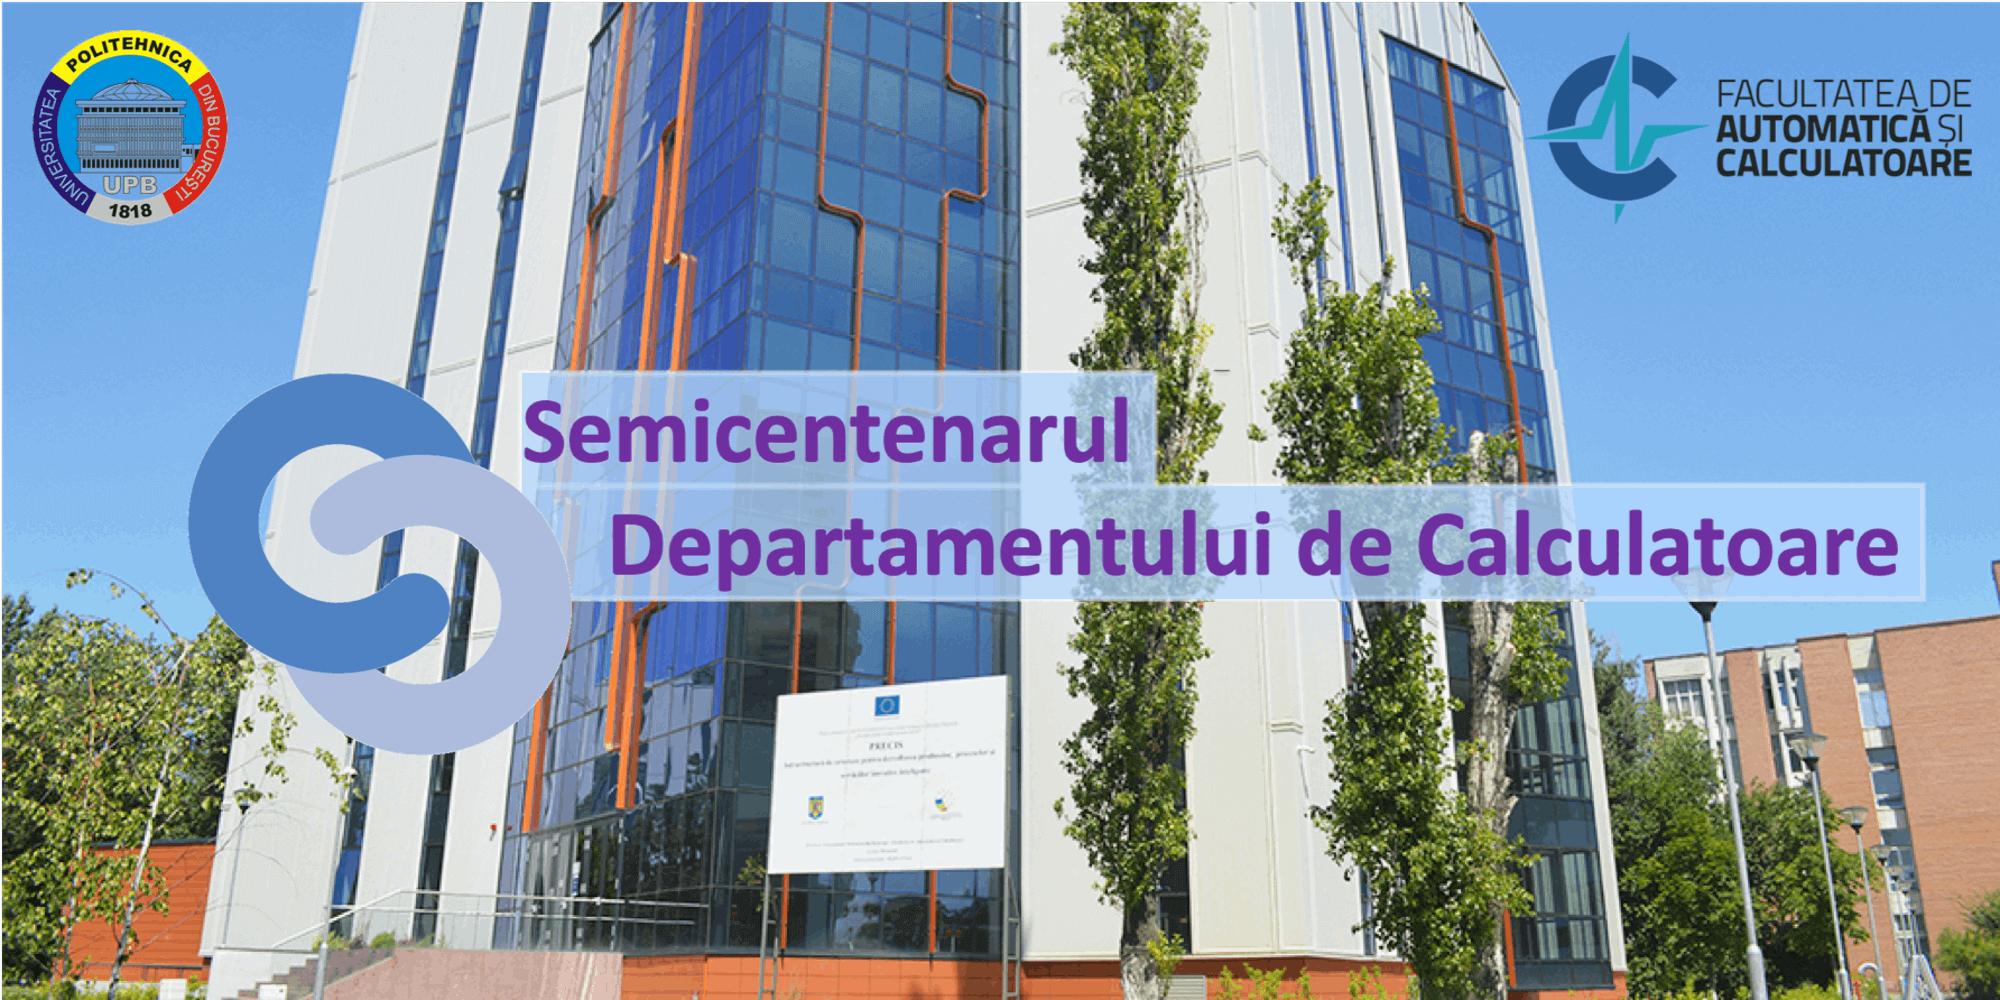 Semicentenarul Departamentului de Calculatoare, UPB (1)